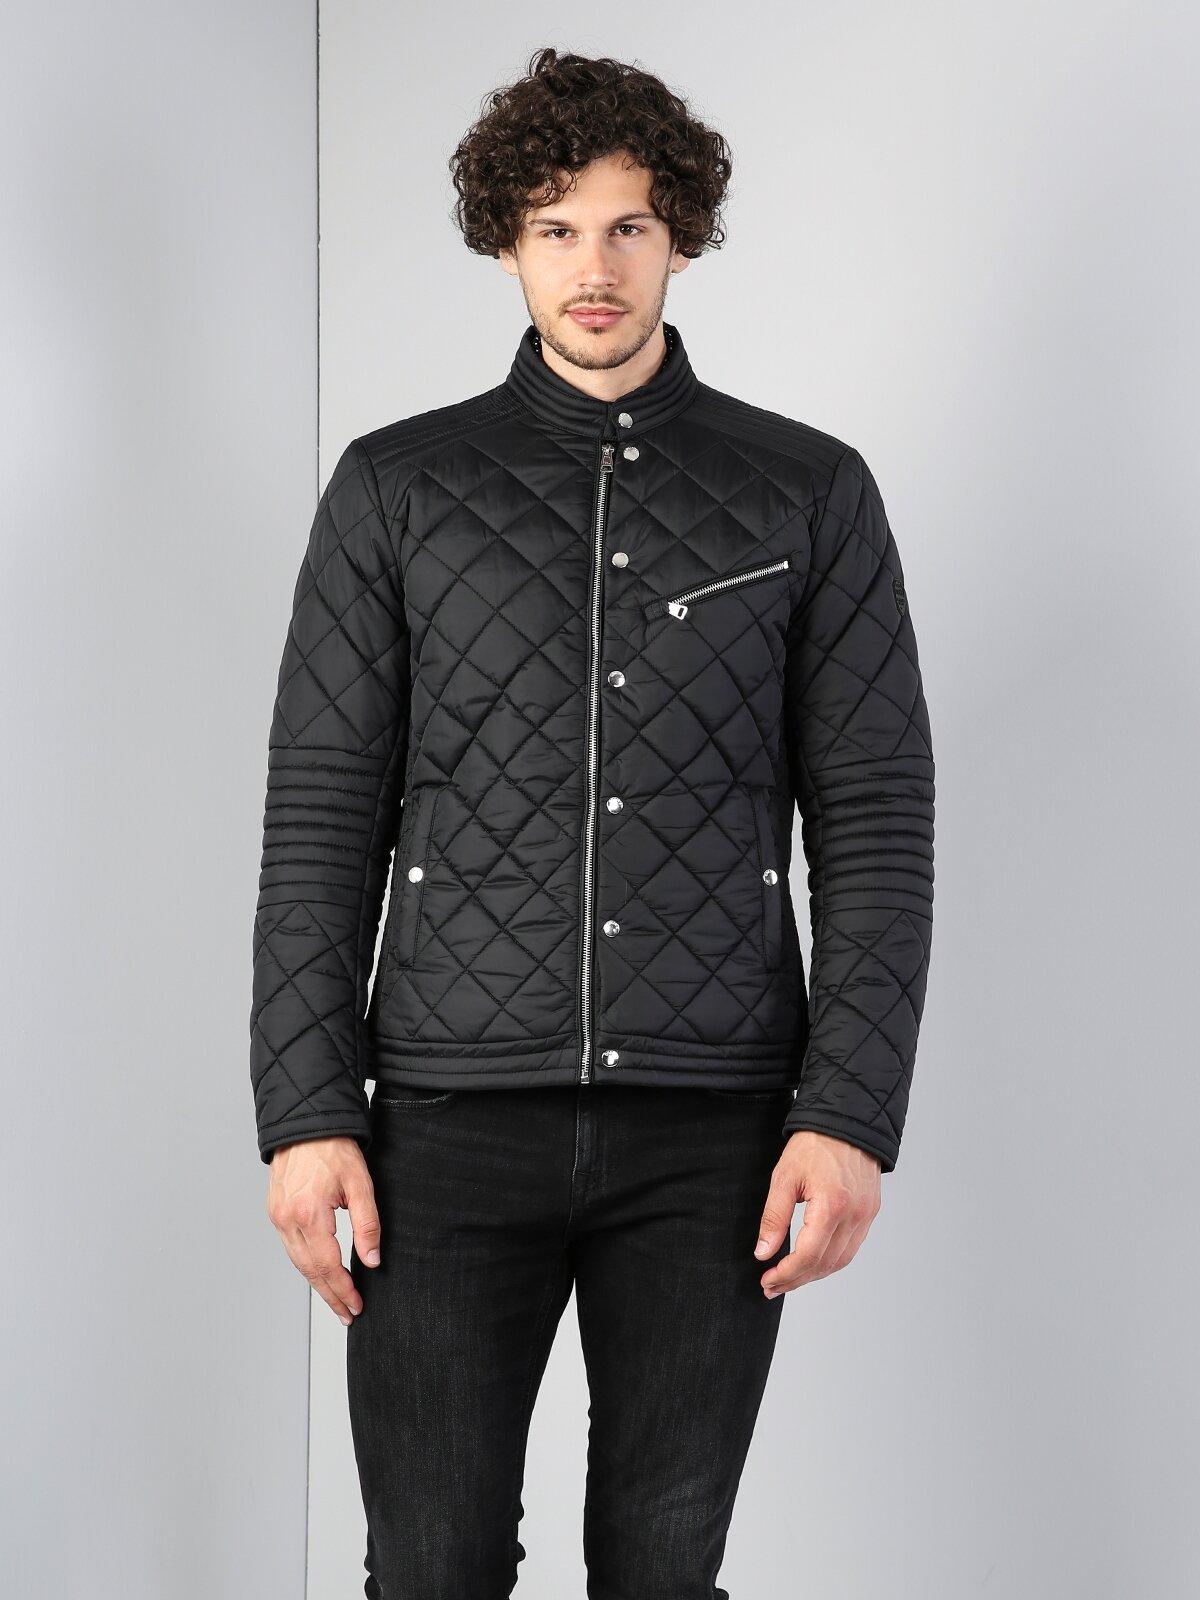 Dar Kesim Spor Yakasız Fermuarlı Siyah Ceket